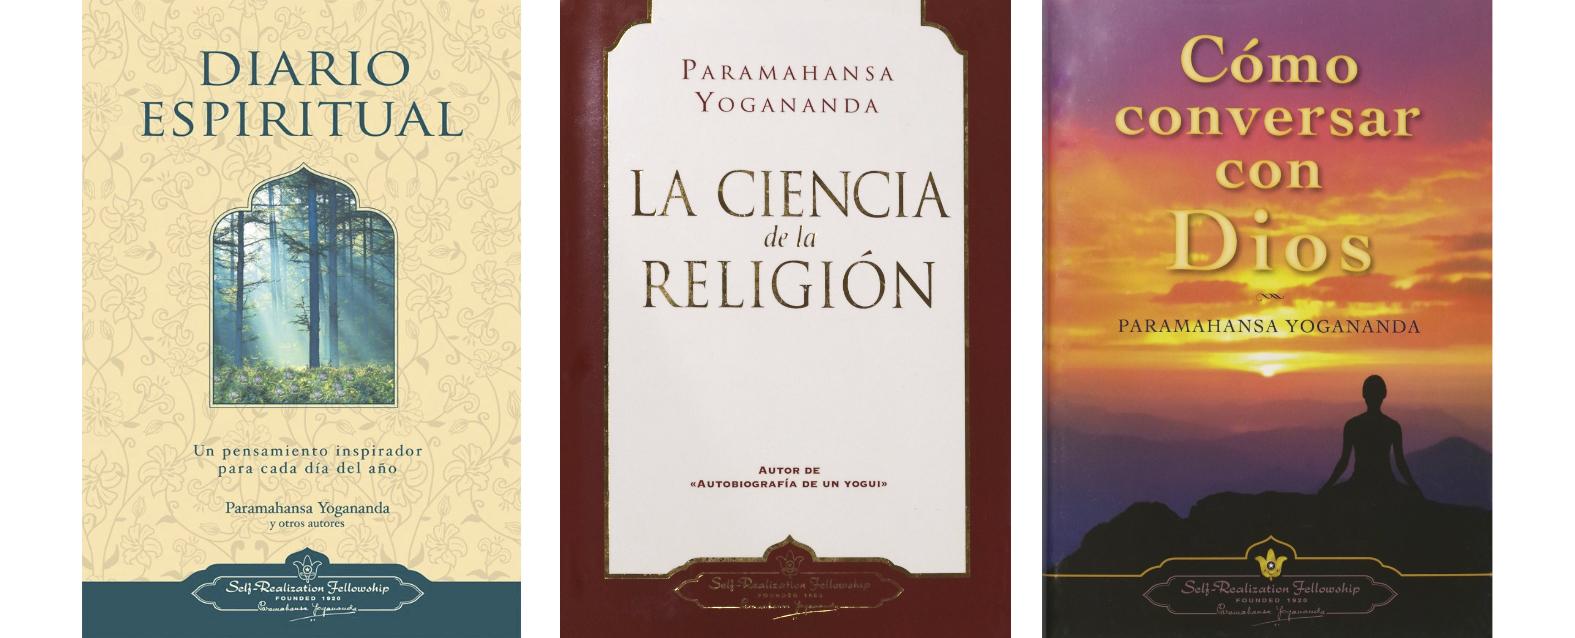 Diario espiritual,  La ciencia de la religión y Cómo conversar con Dios